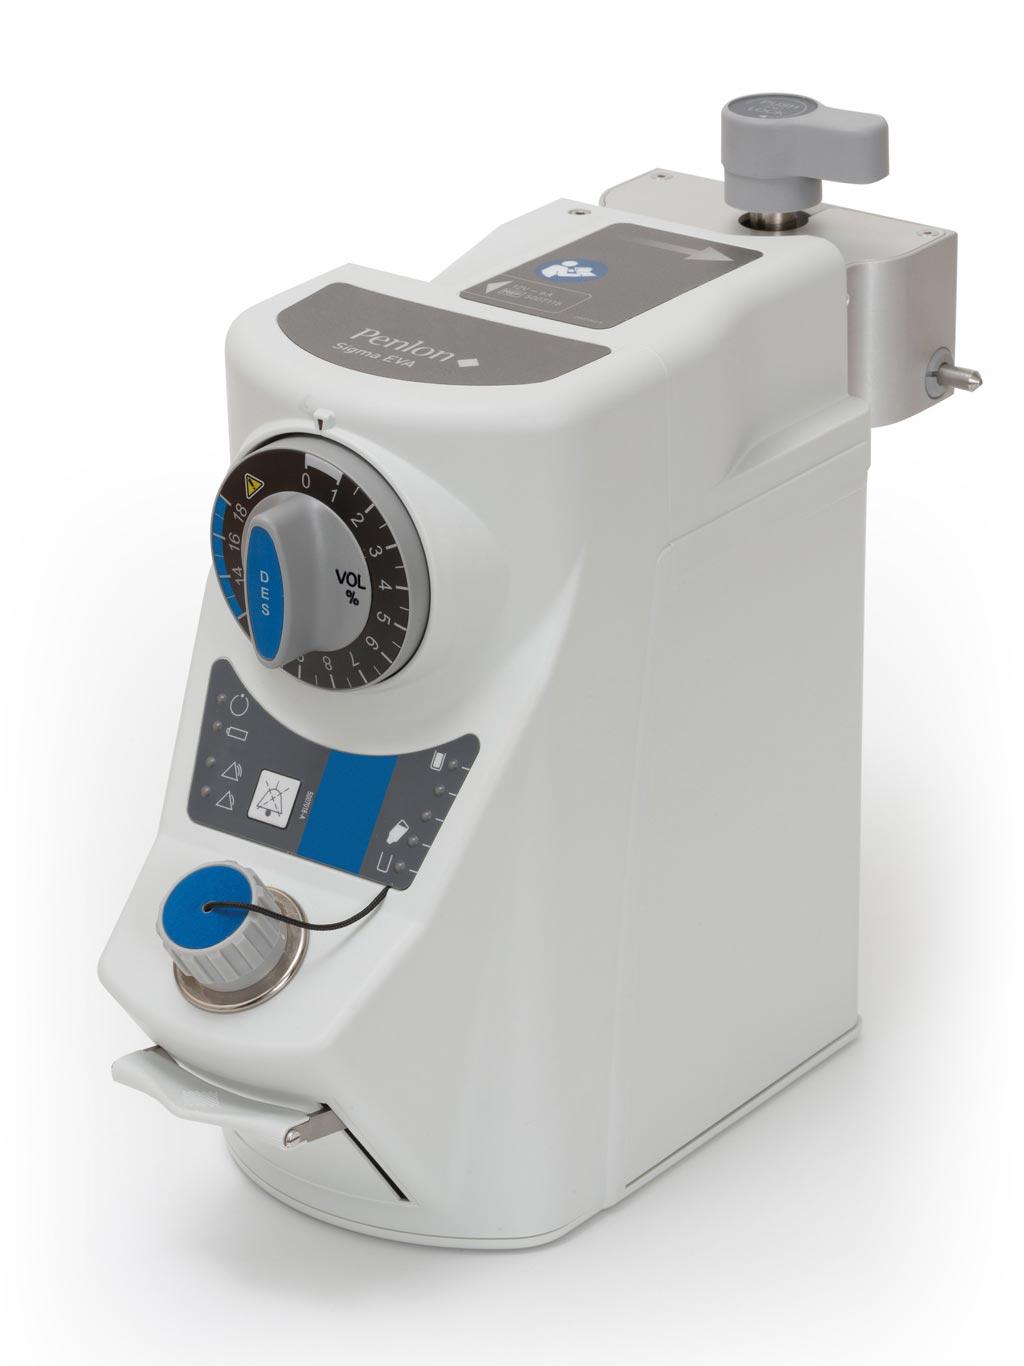 Imagen: El vaporizador Sigma EVA de desfluorano para anestesia (Fotografía cortesía de Penlon).